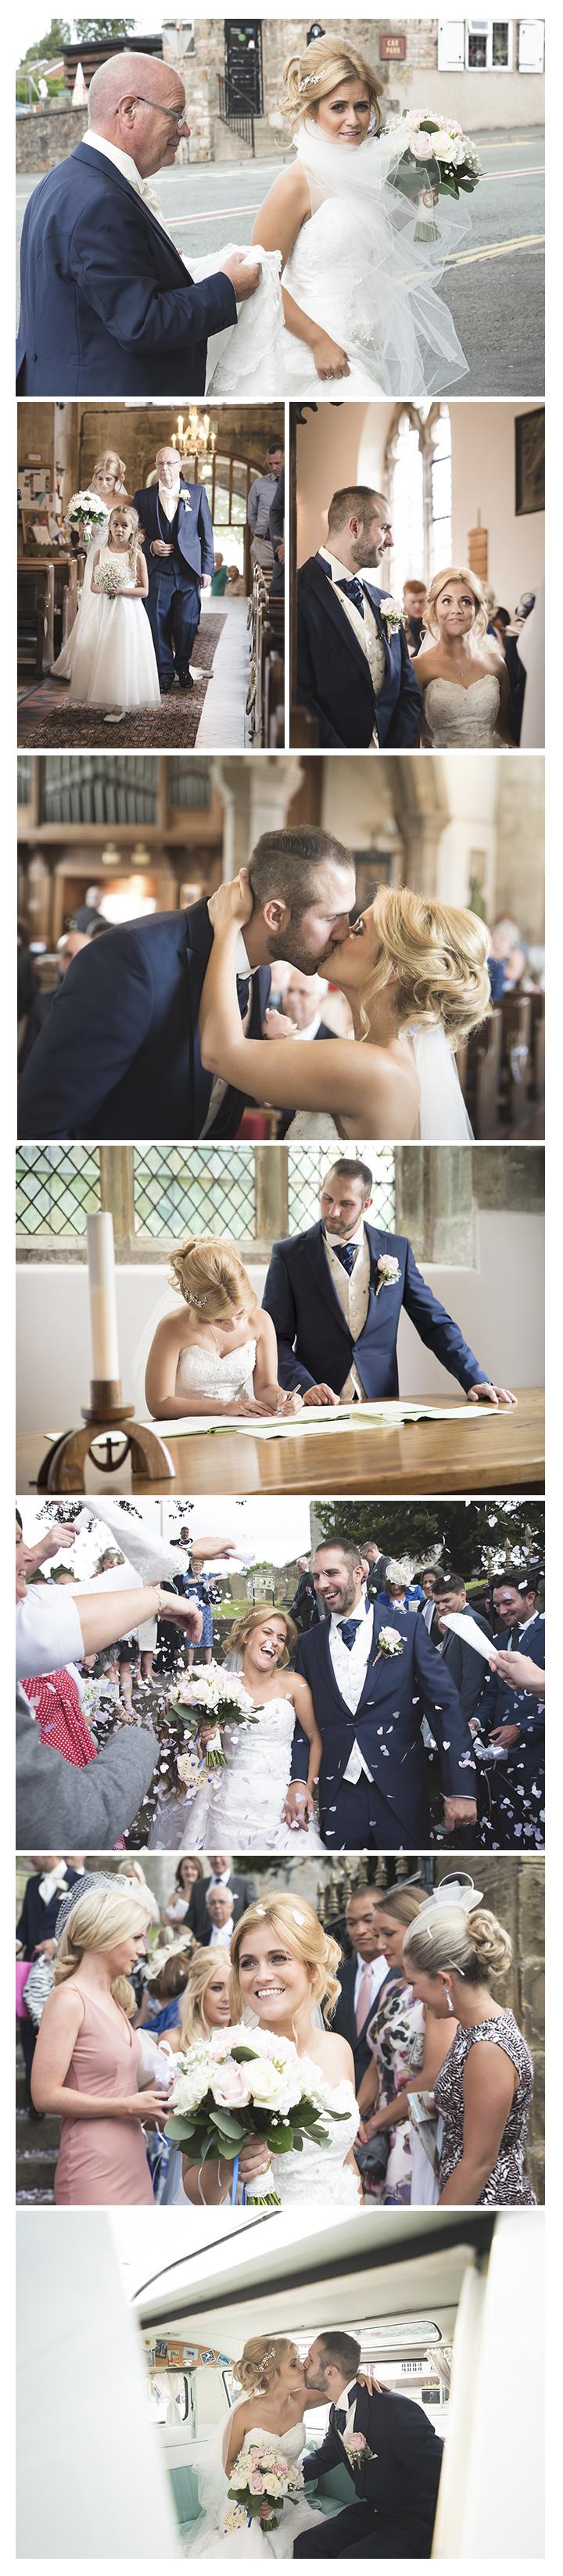 BLOG Trisha & Andrew Wedding